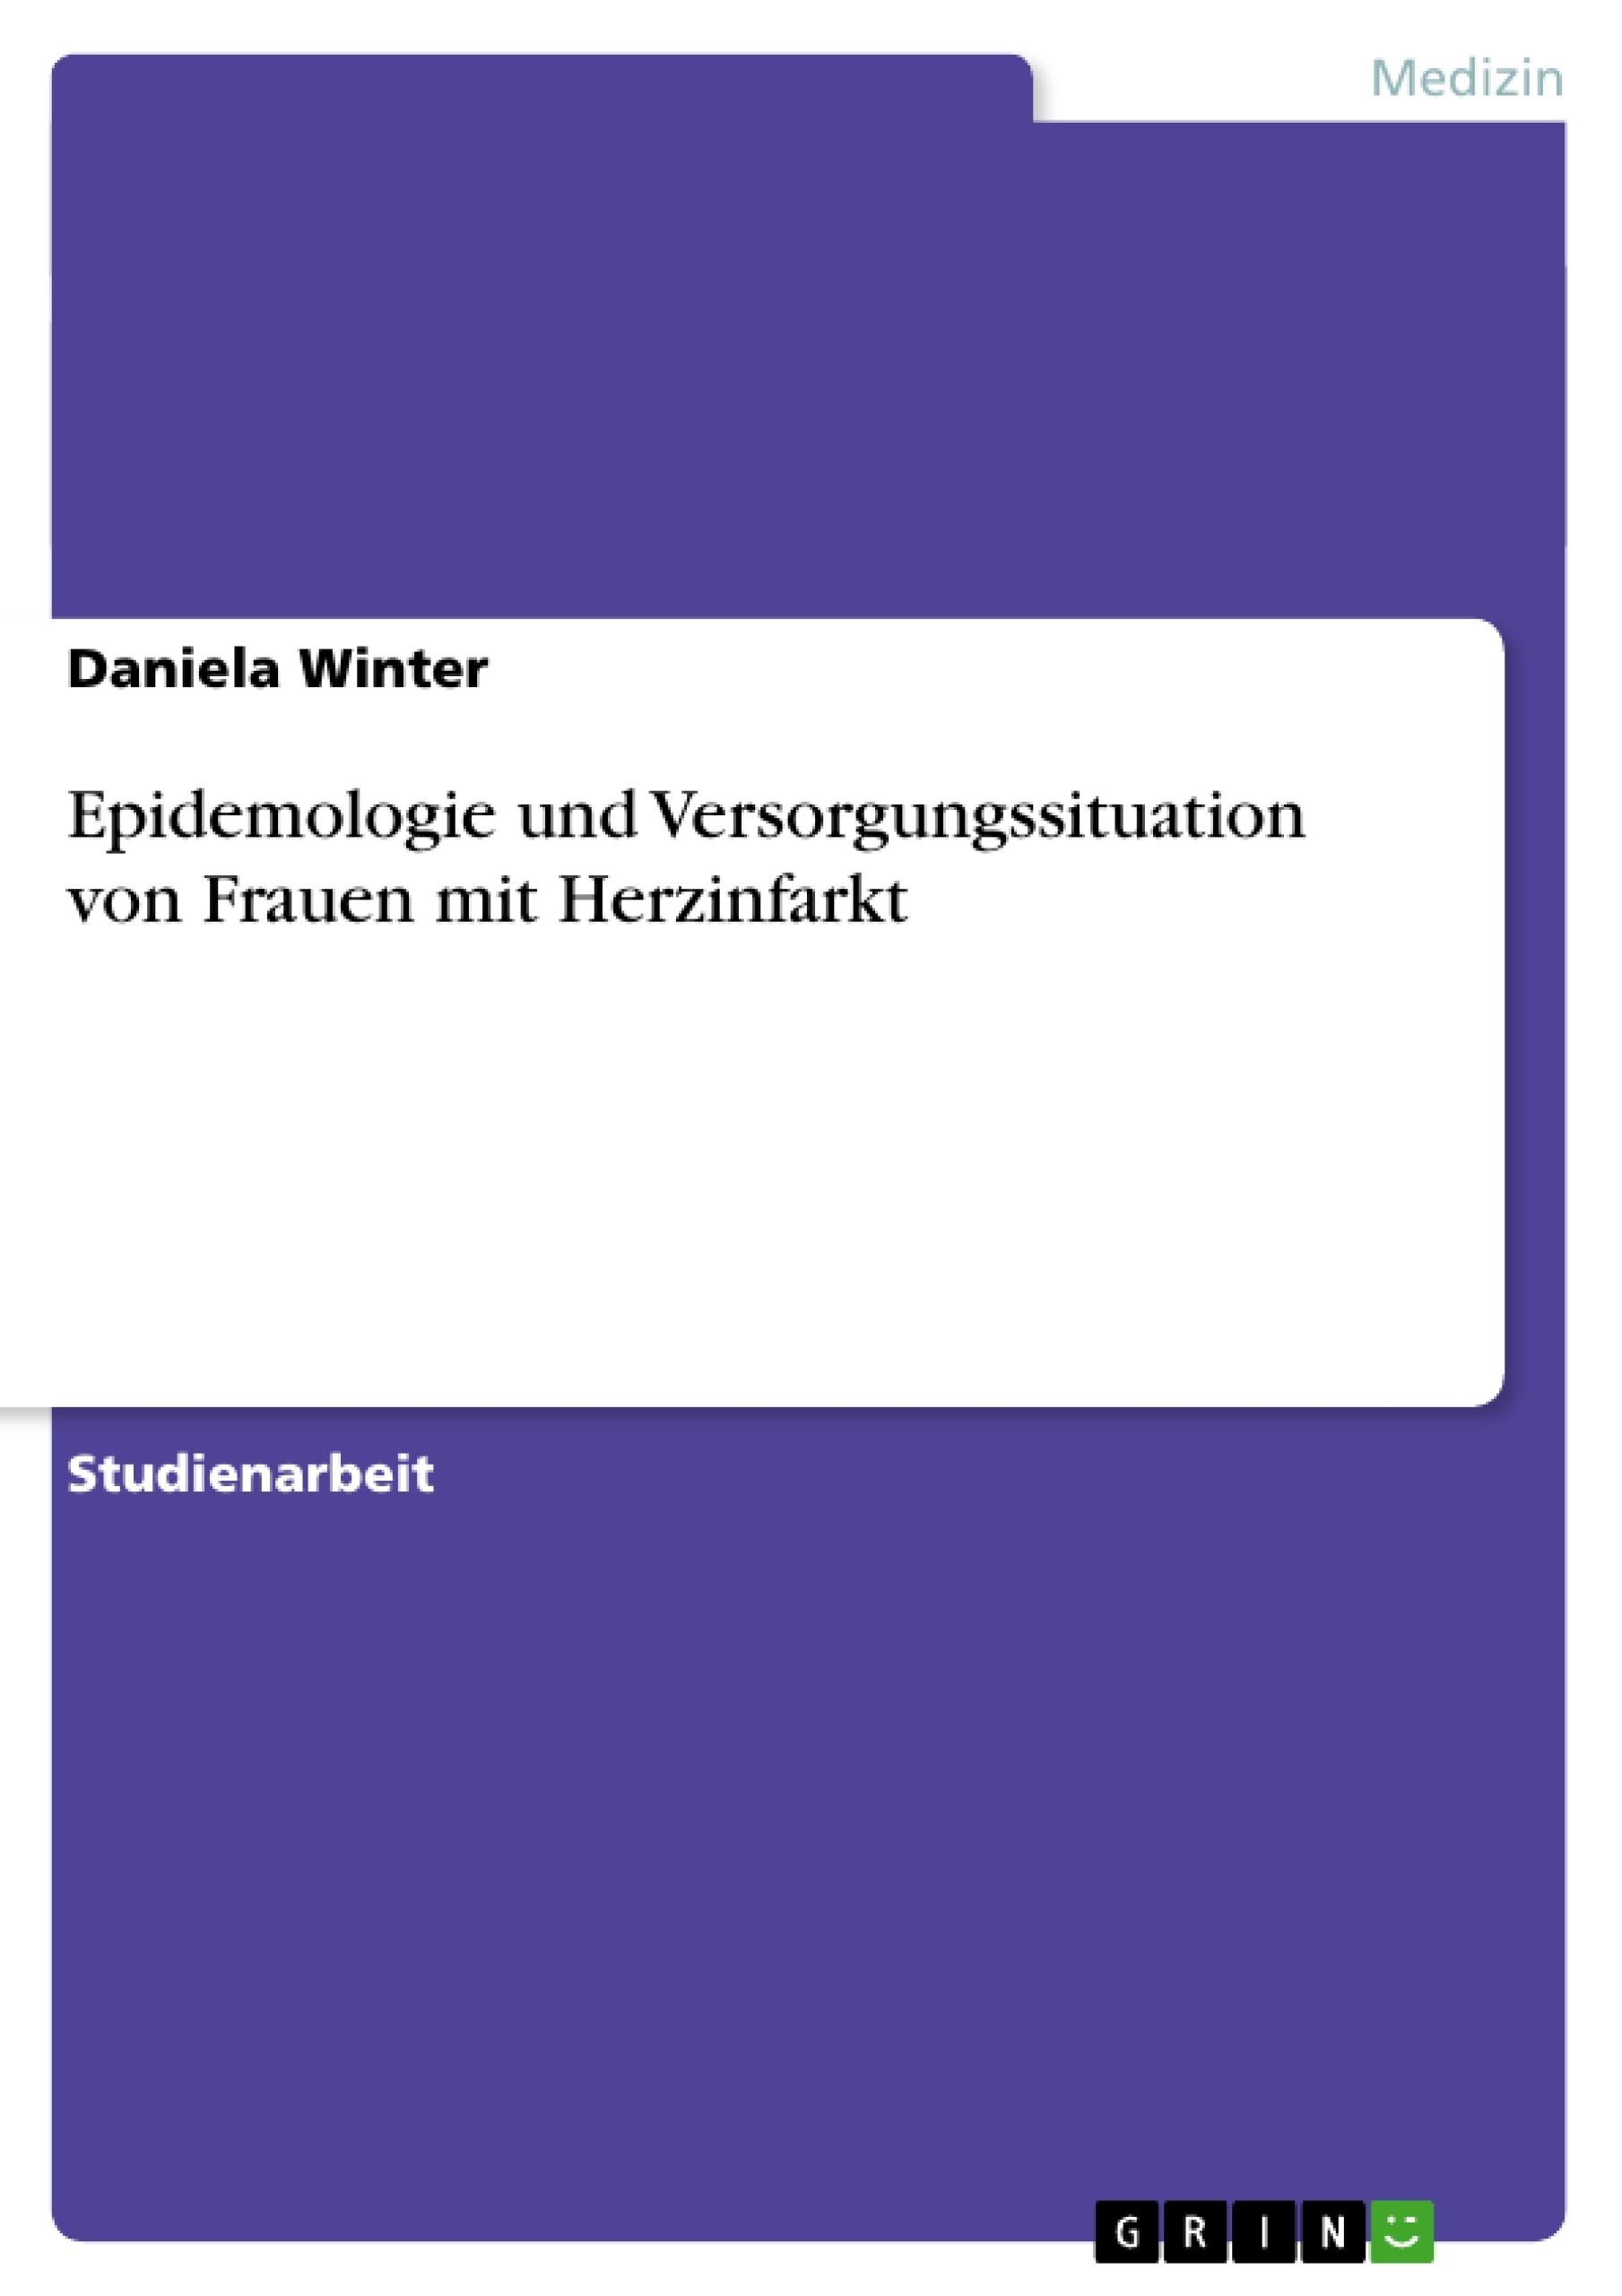 Titel: Epidemologie und Versorgungssituation von Frauen mit Herzinfarkt